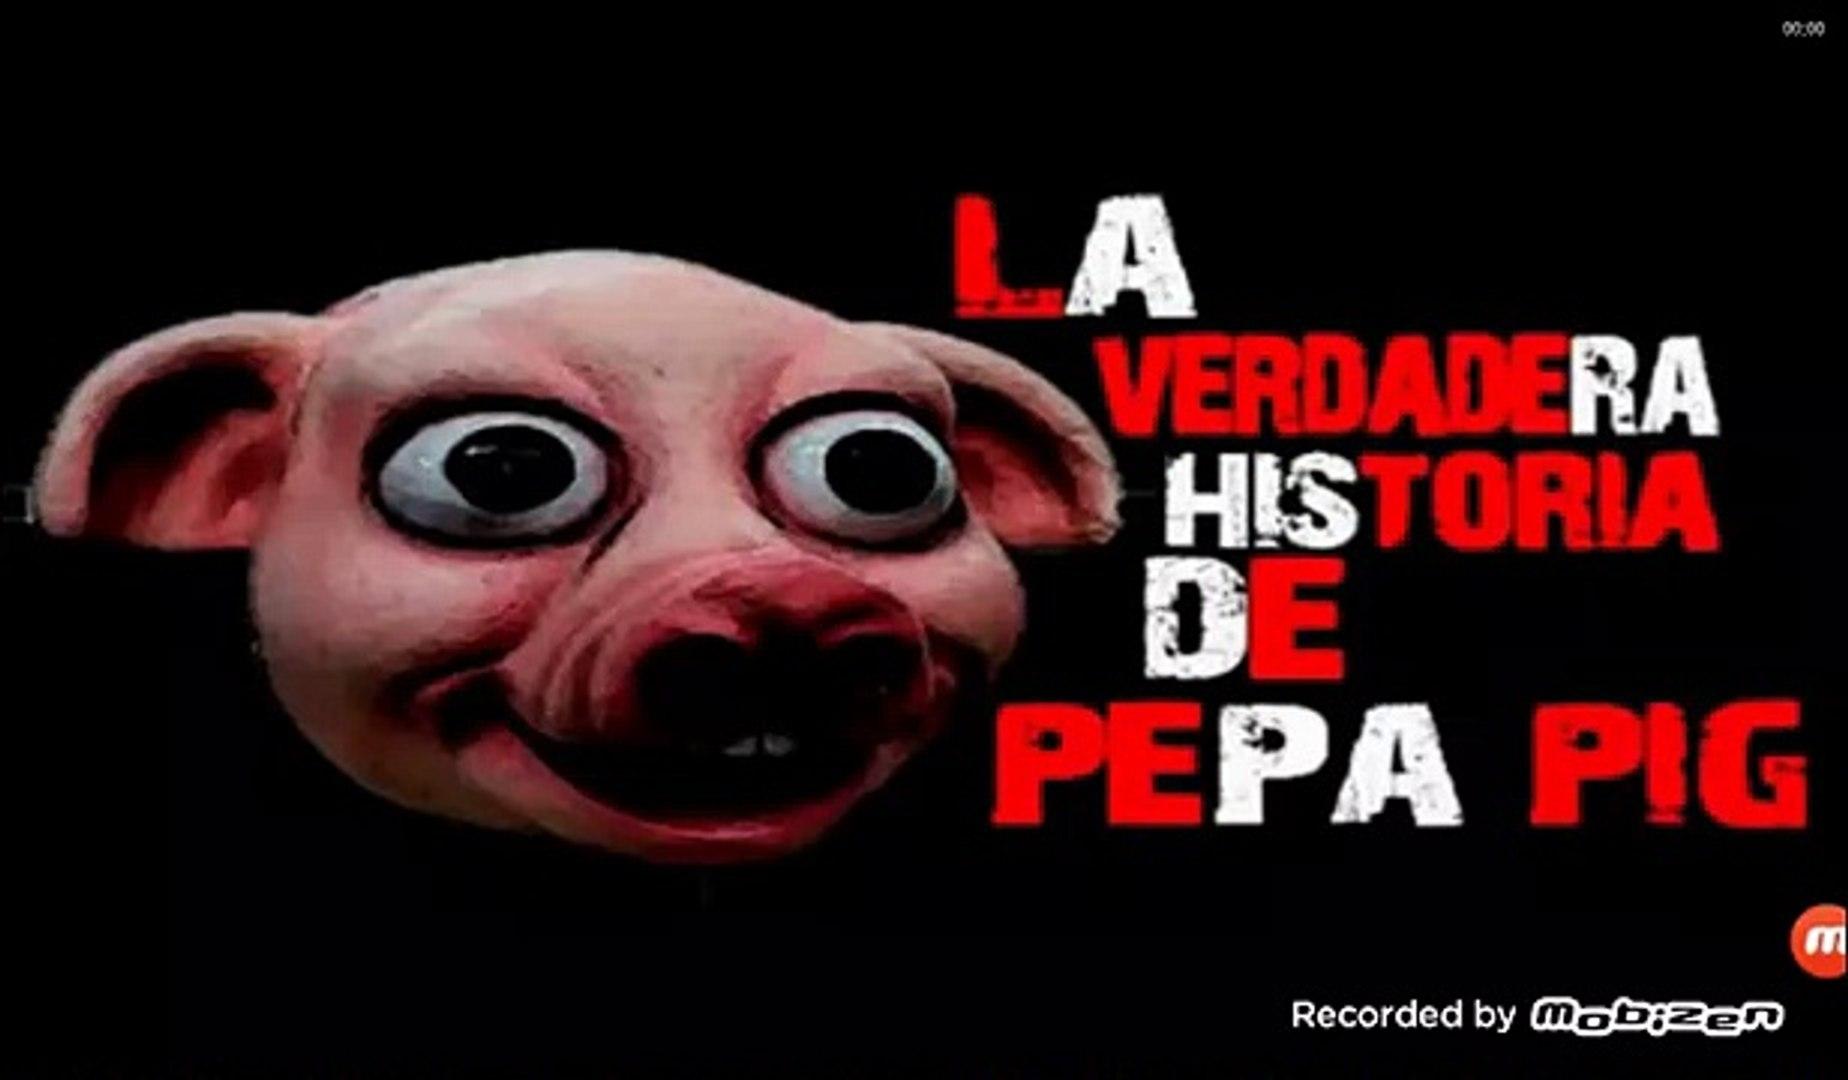 La Verdadera Historia De Peppa Pig 100 Real